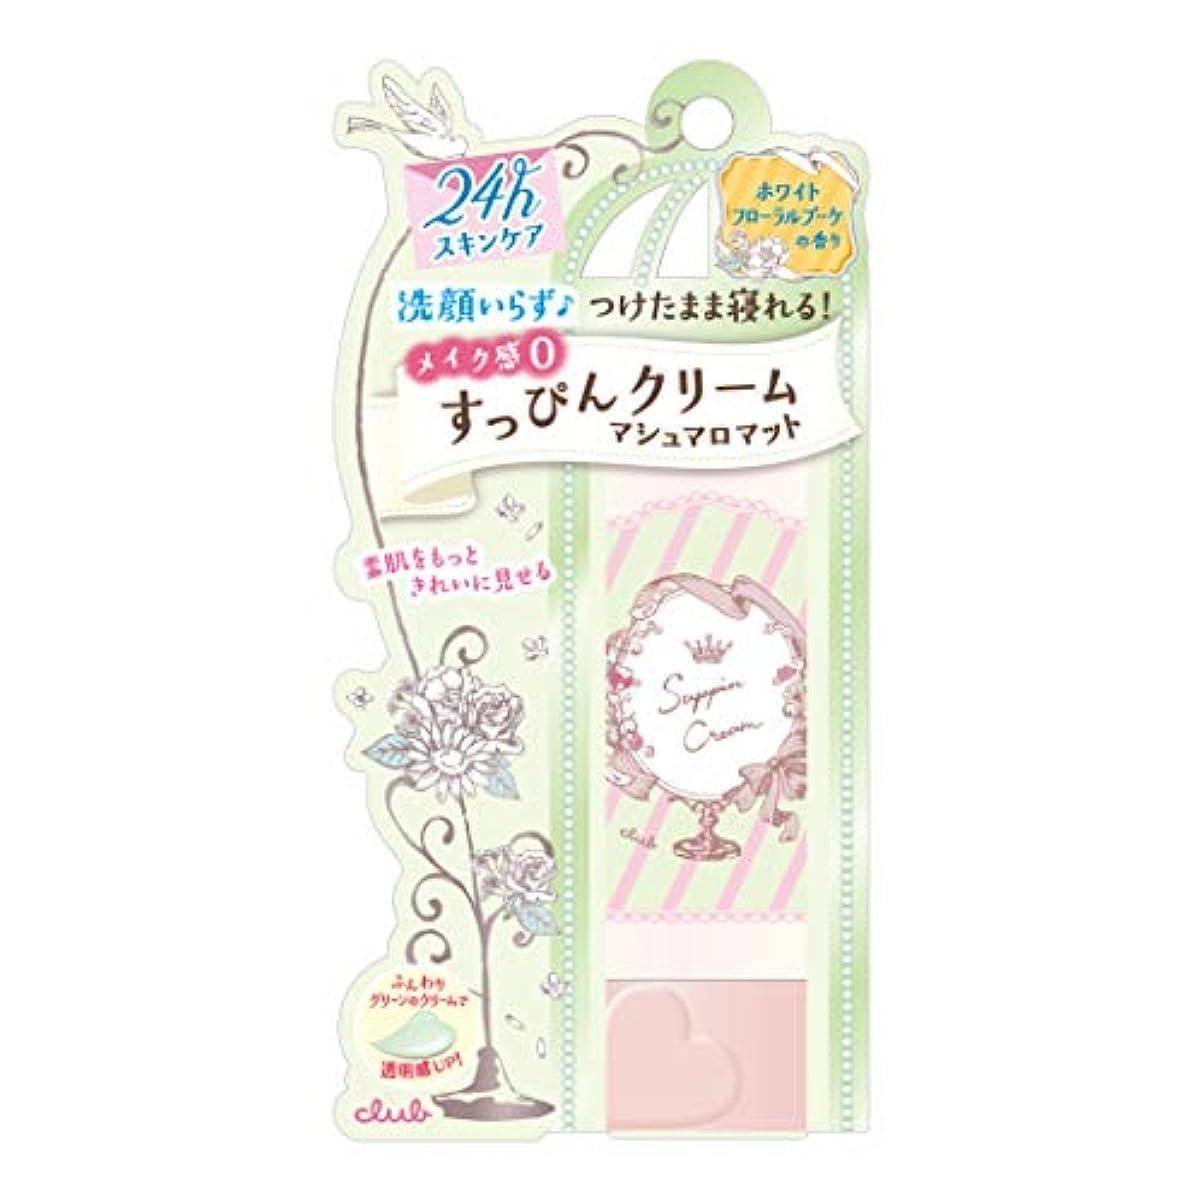 キュービック磁石マイルドクラブ すっぴんクリーム ホワイトフローラルブーケの香り 30g